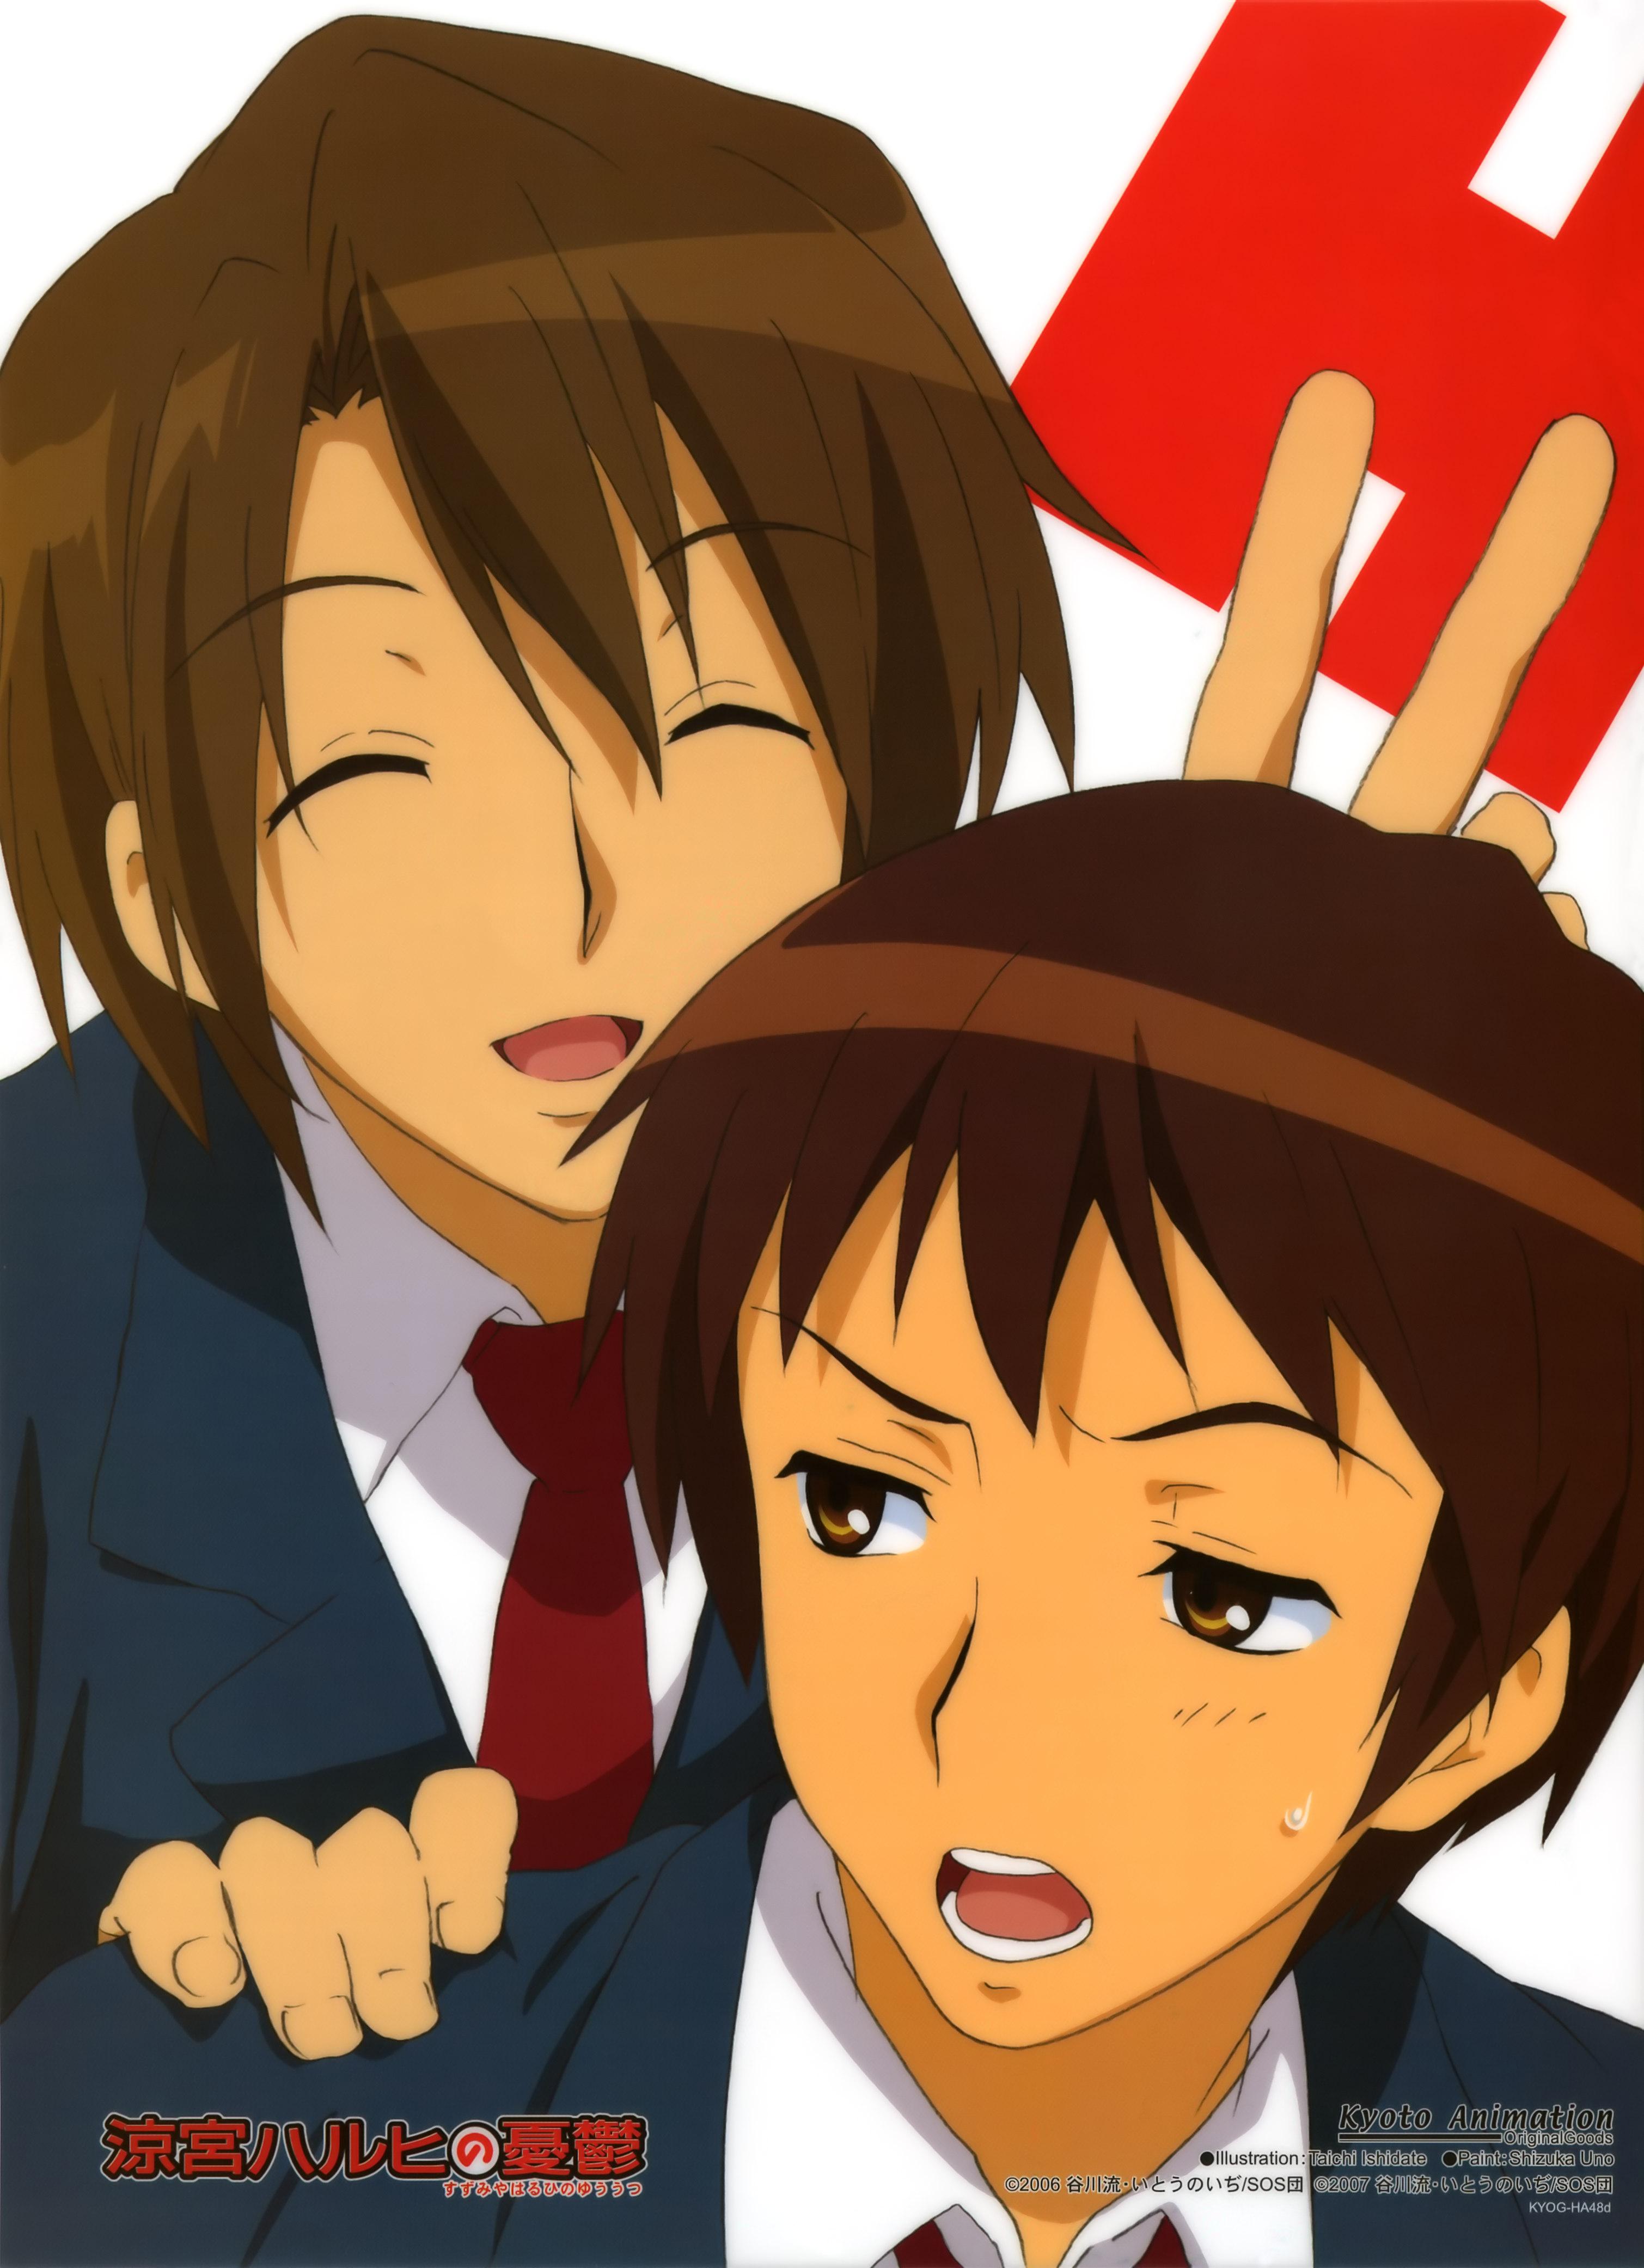 Kyong...oh wait...Koizumi too....